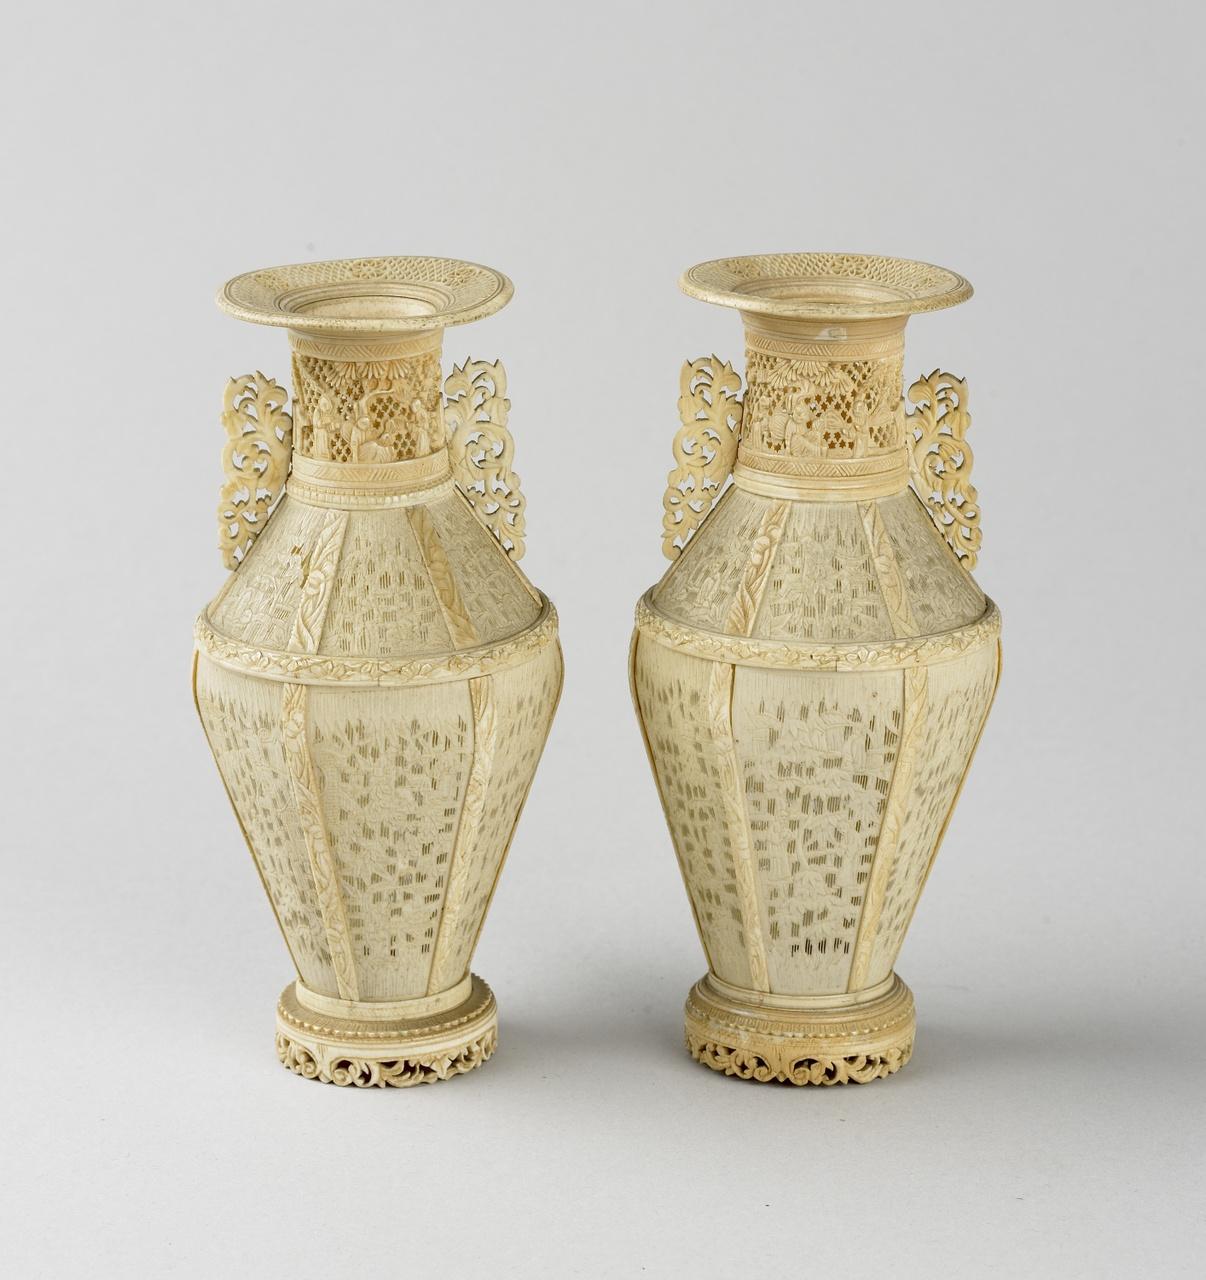 Vaas (ivoor) afkomstig uit China